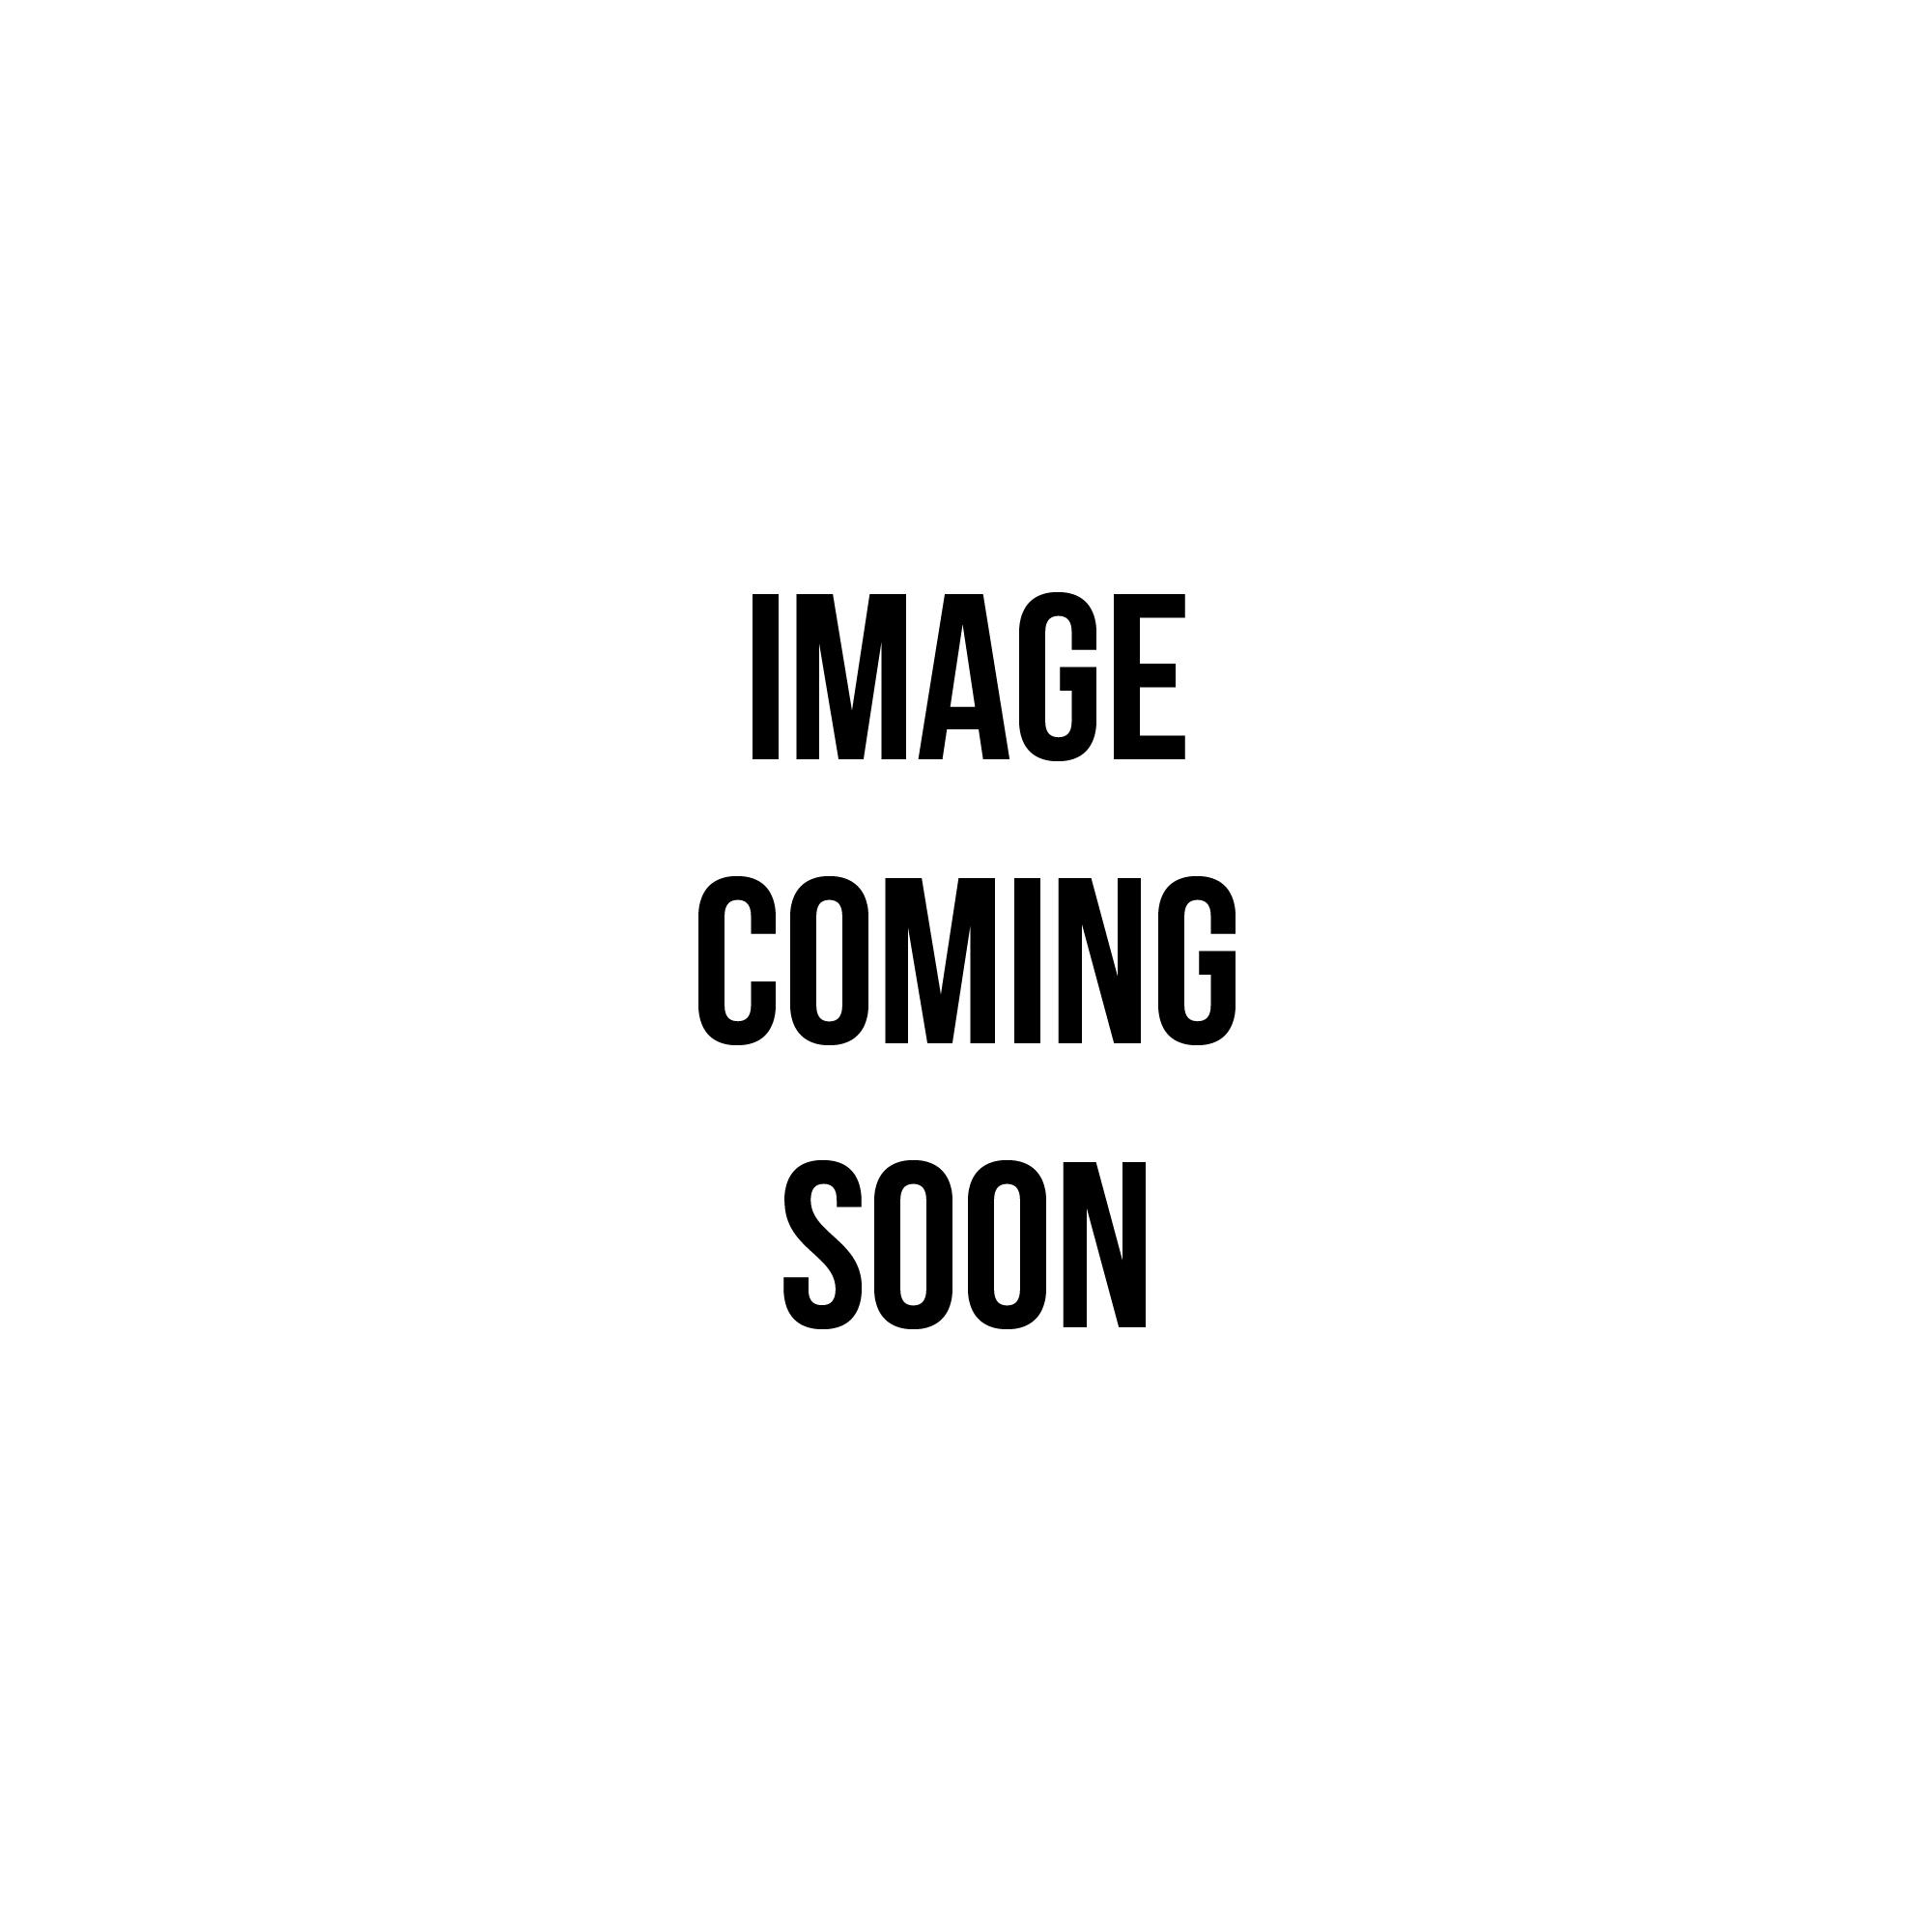 Nike Elite Precios Calcetines Partes Pfister descuento comercial tienda barata para realmente venta alta calidad comprar barato cómoda 4gldF